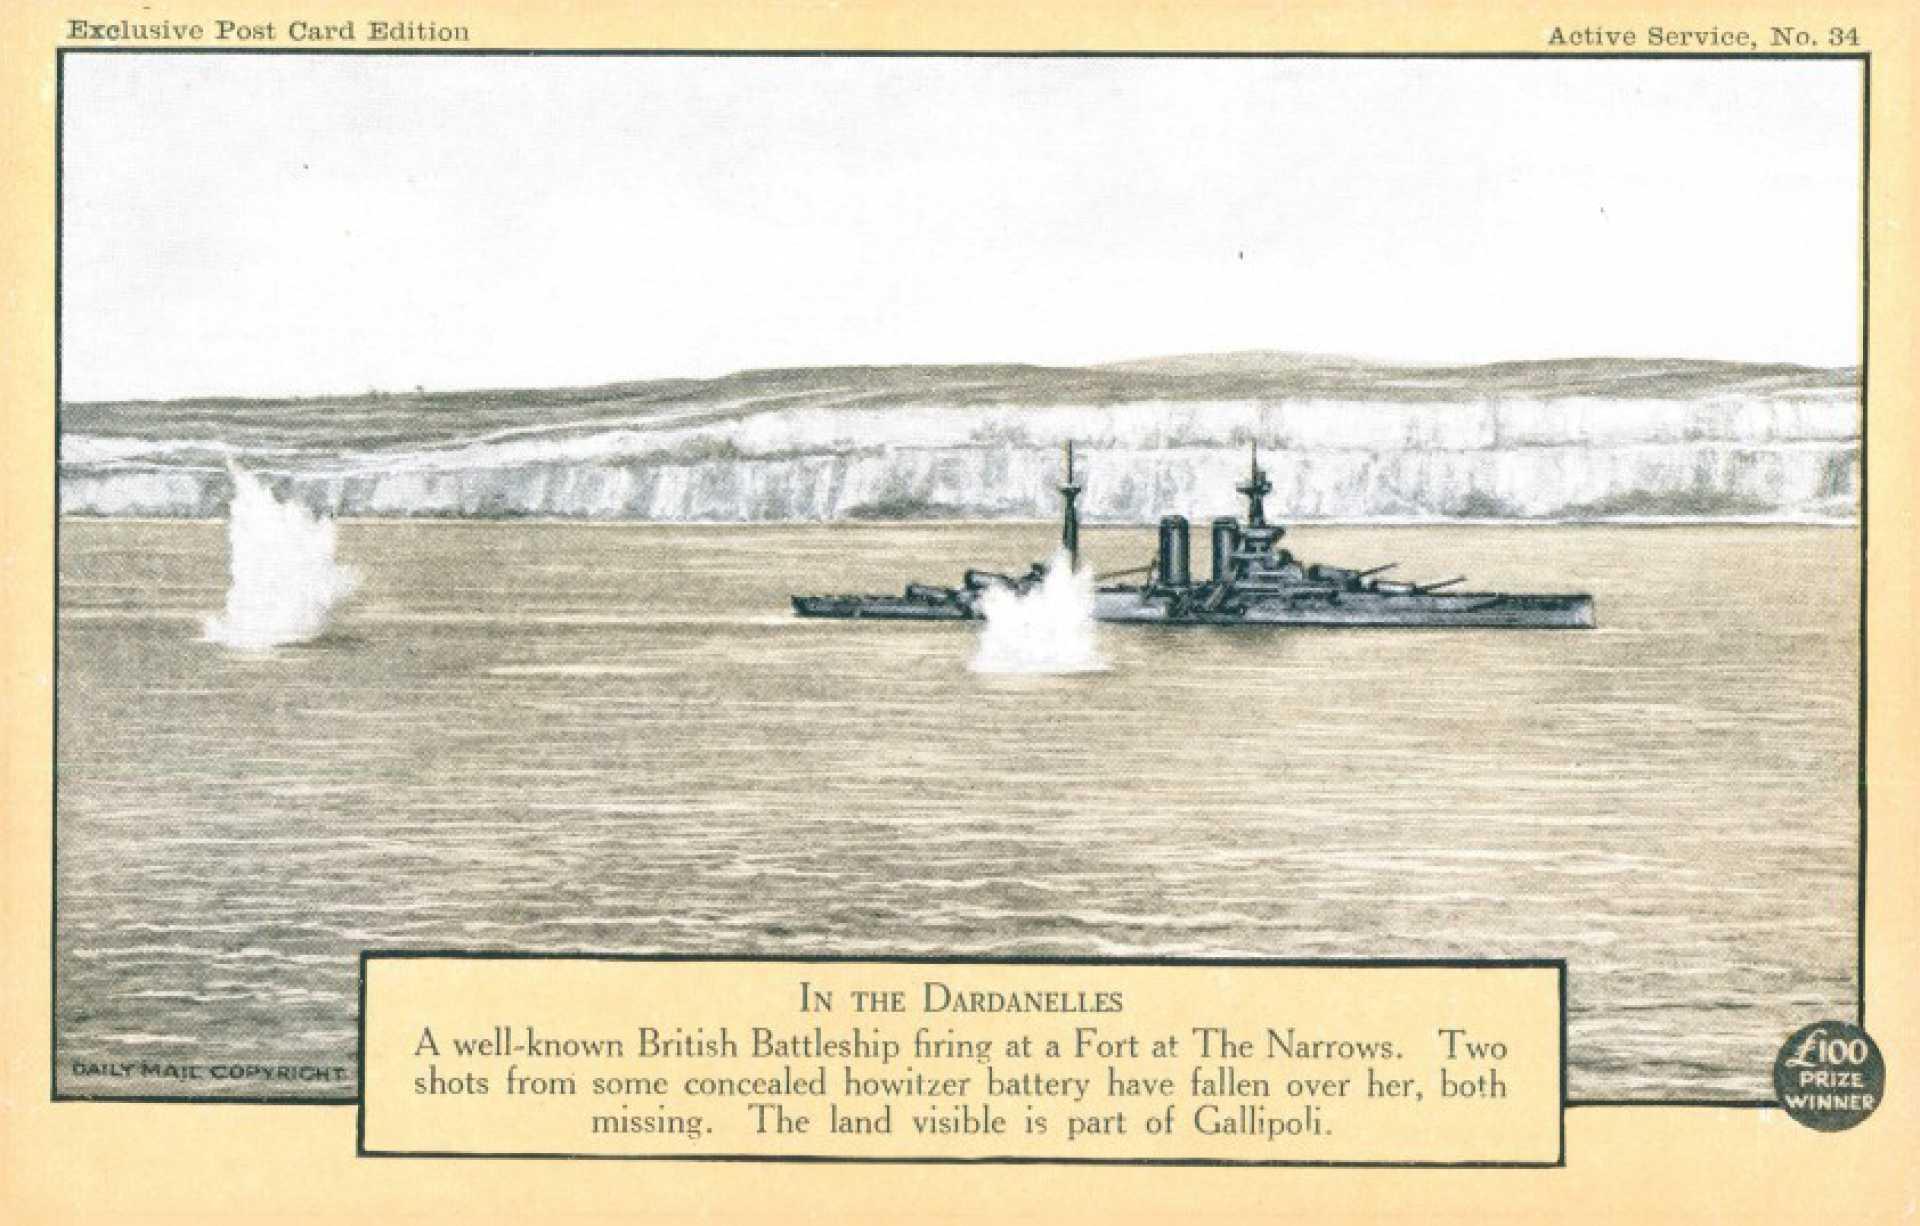 British Battleship firing at a Fort at the Narrows.